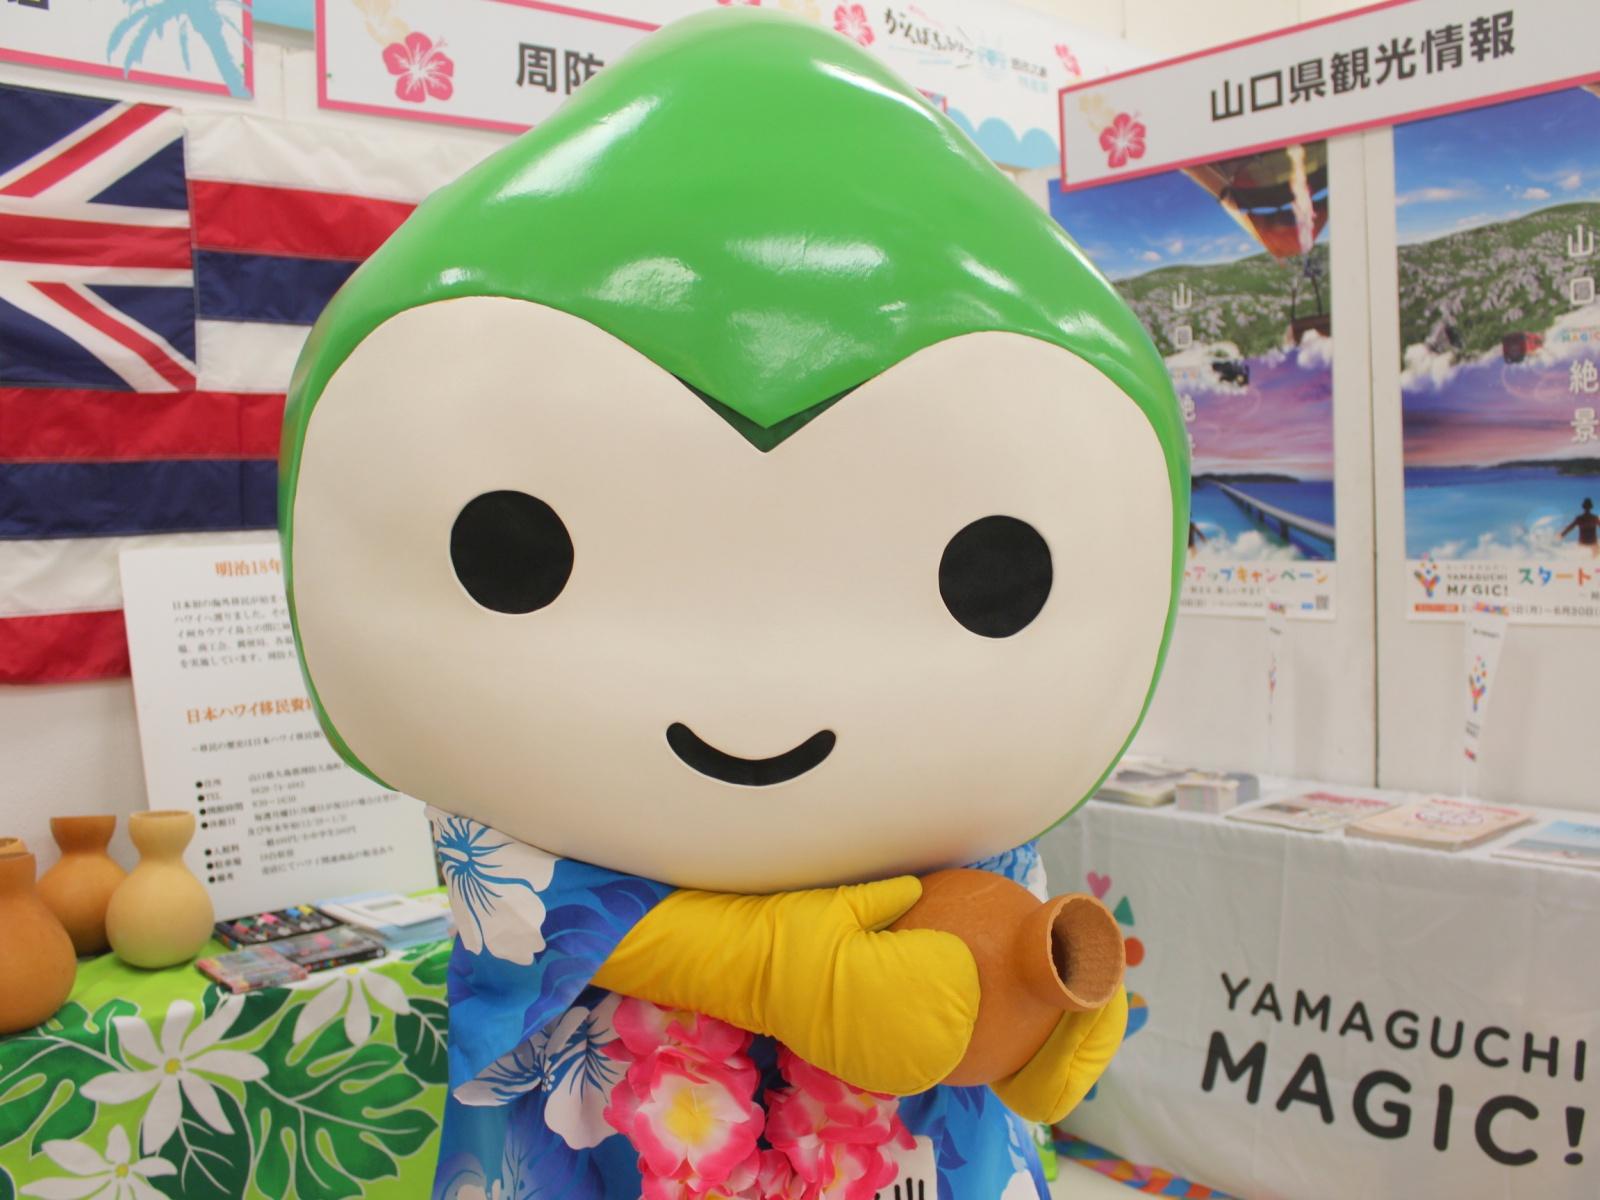 瀬戸内のハワイへおいでませ!周防大島町の魅力を紹介したよ☆彡